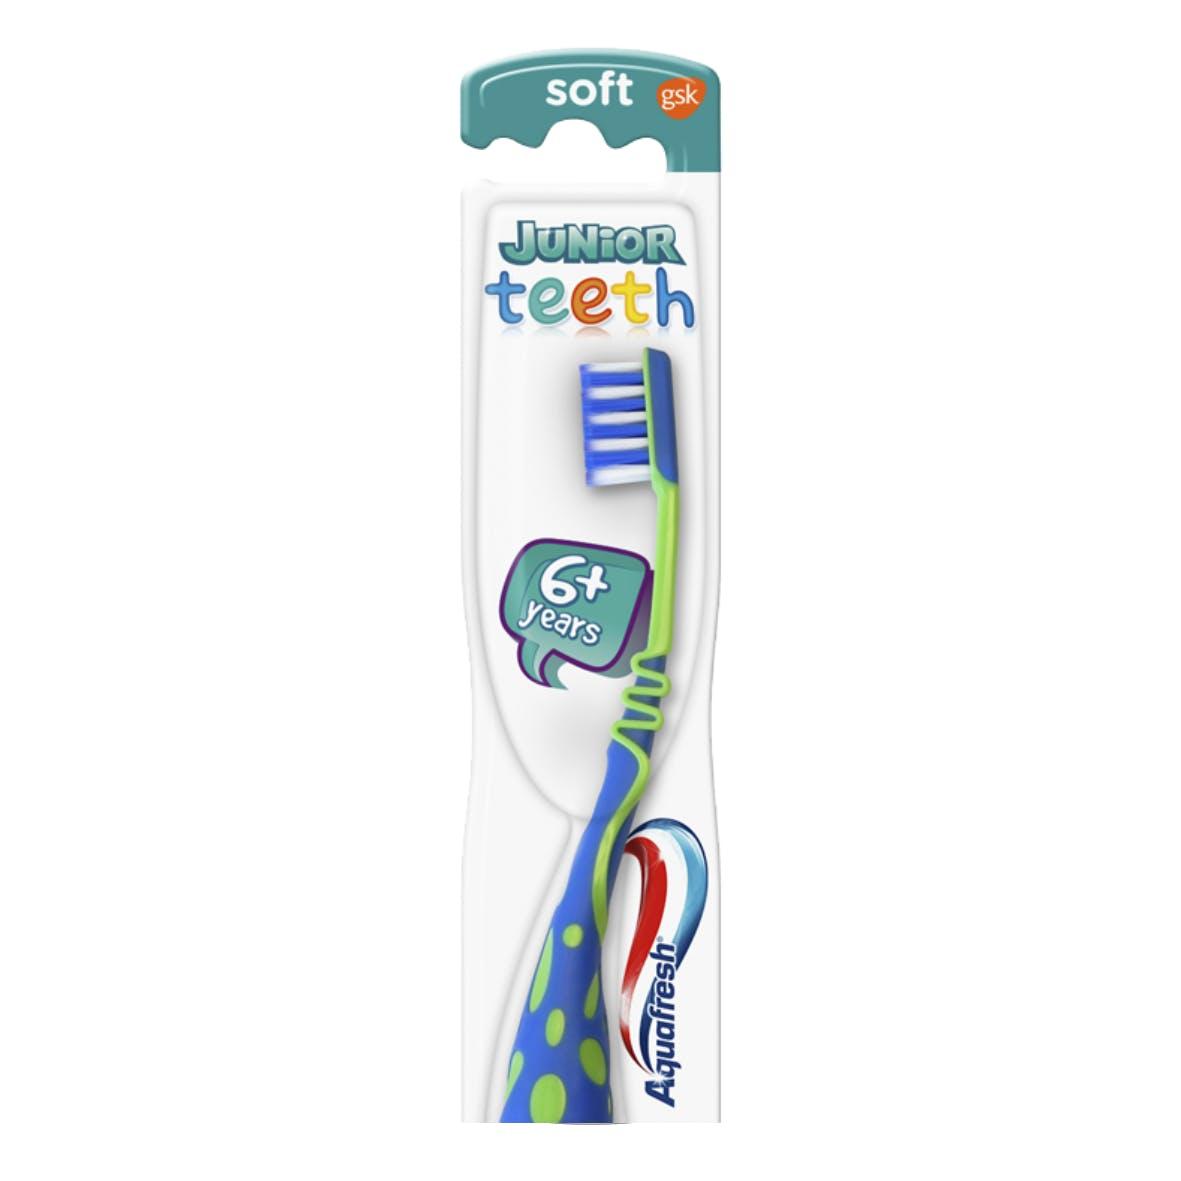 junior teeth tandenborstel